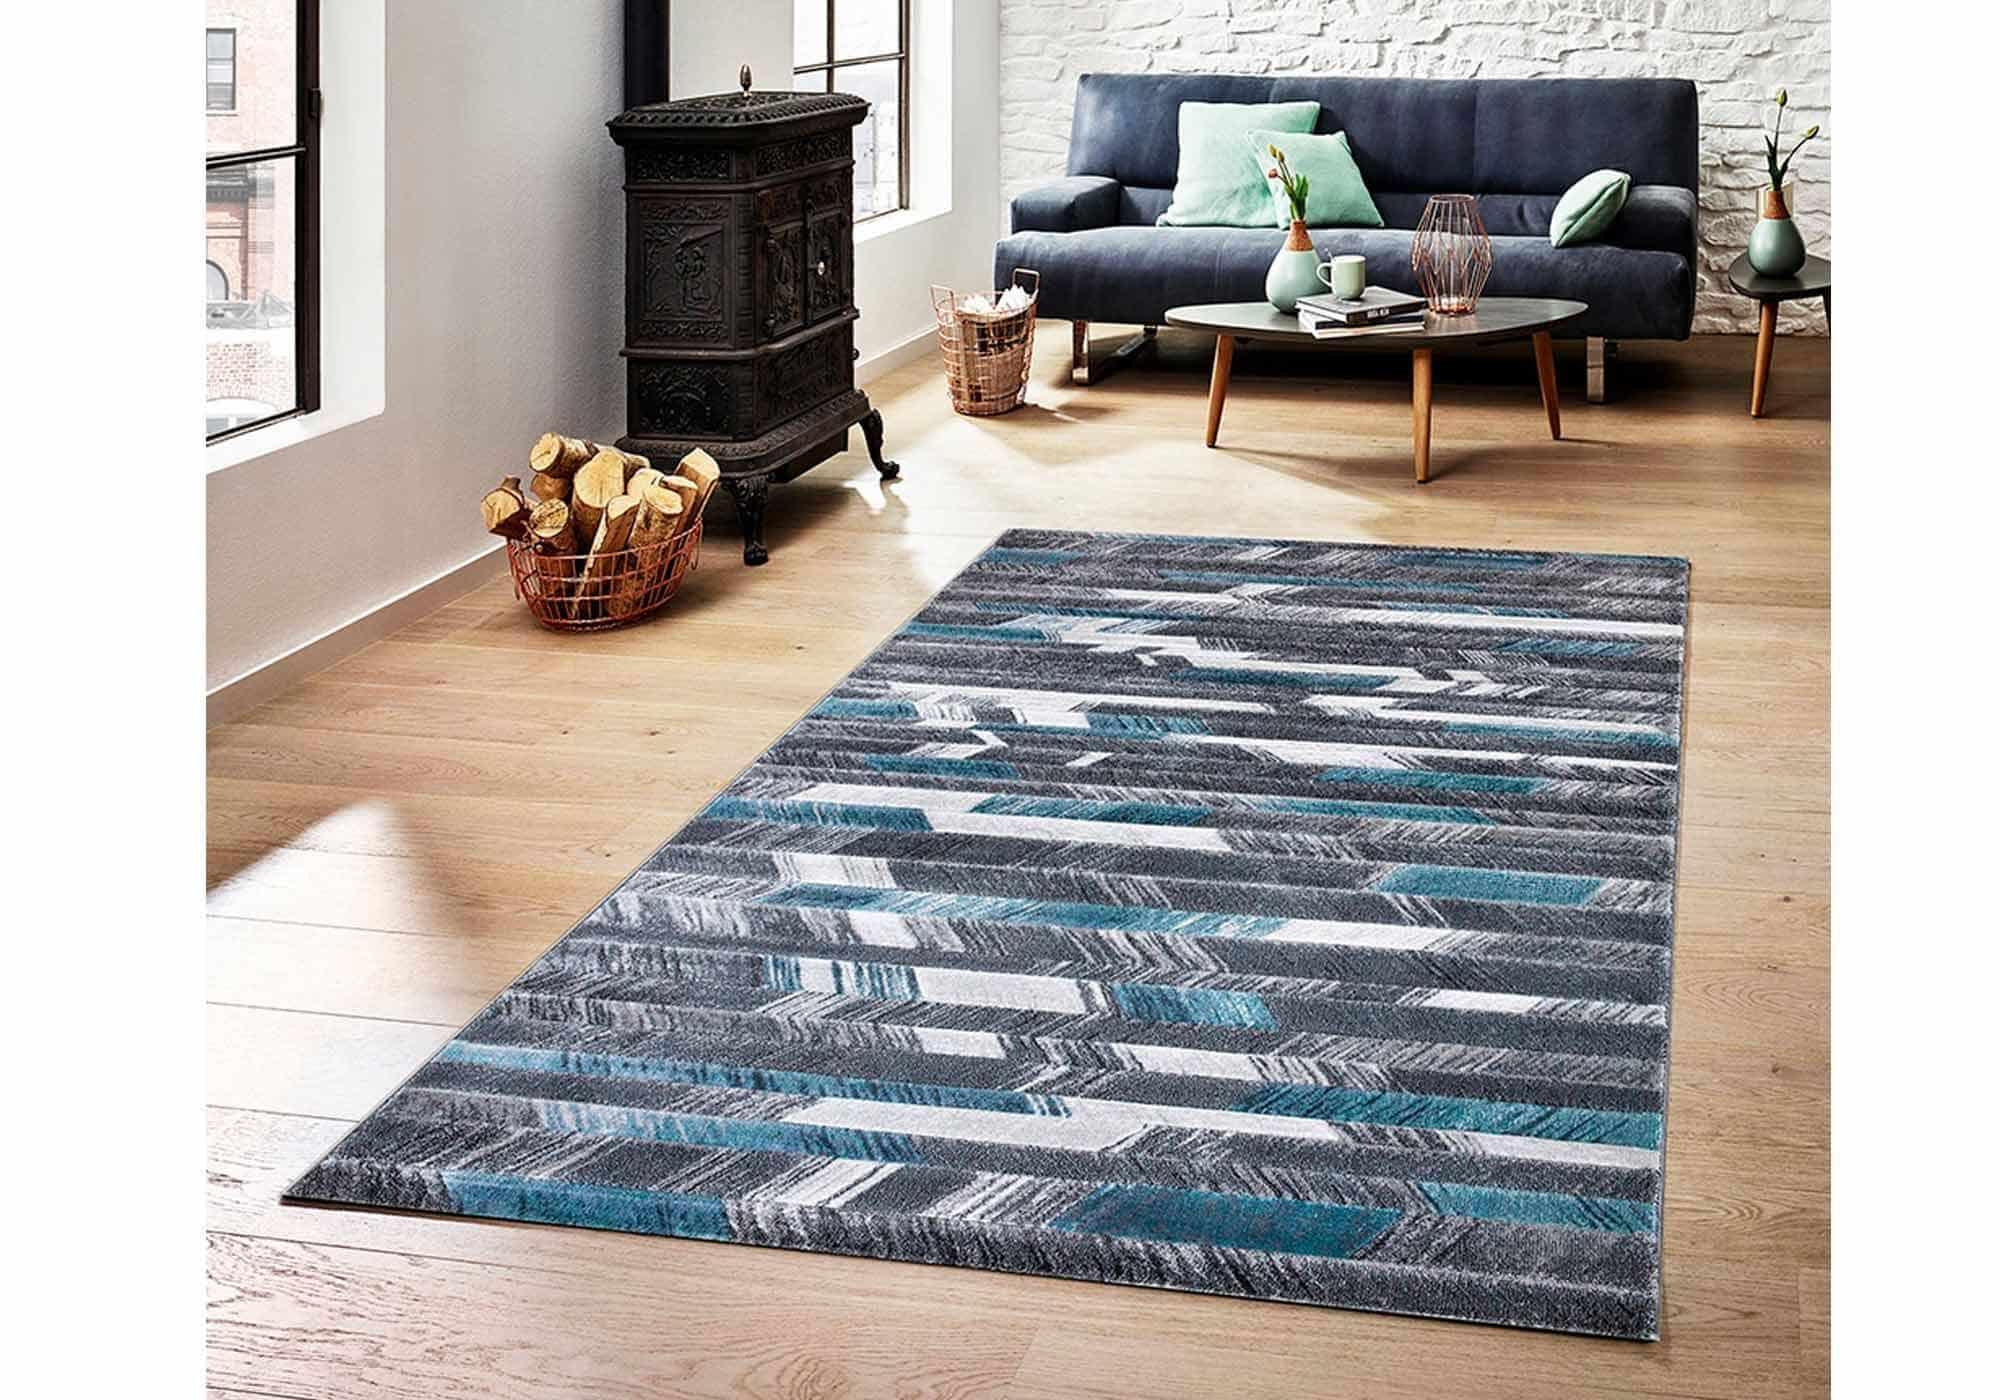 Teppich 80 x 150 cm - blau - Kurzflor - rechteckig - Mykonos